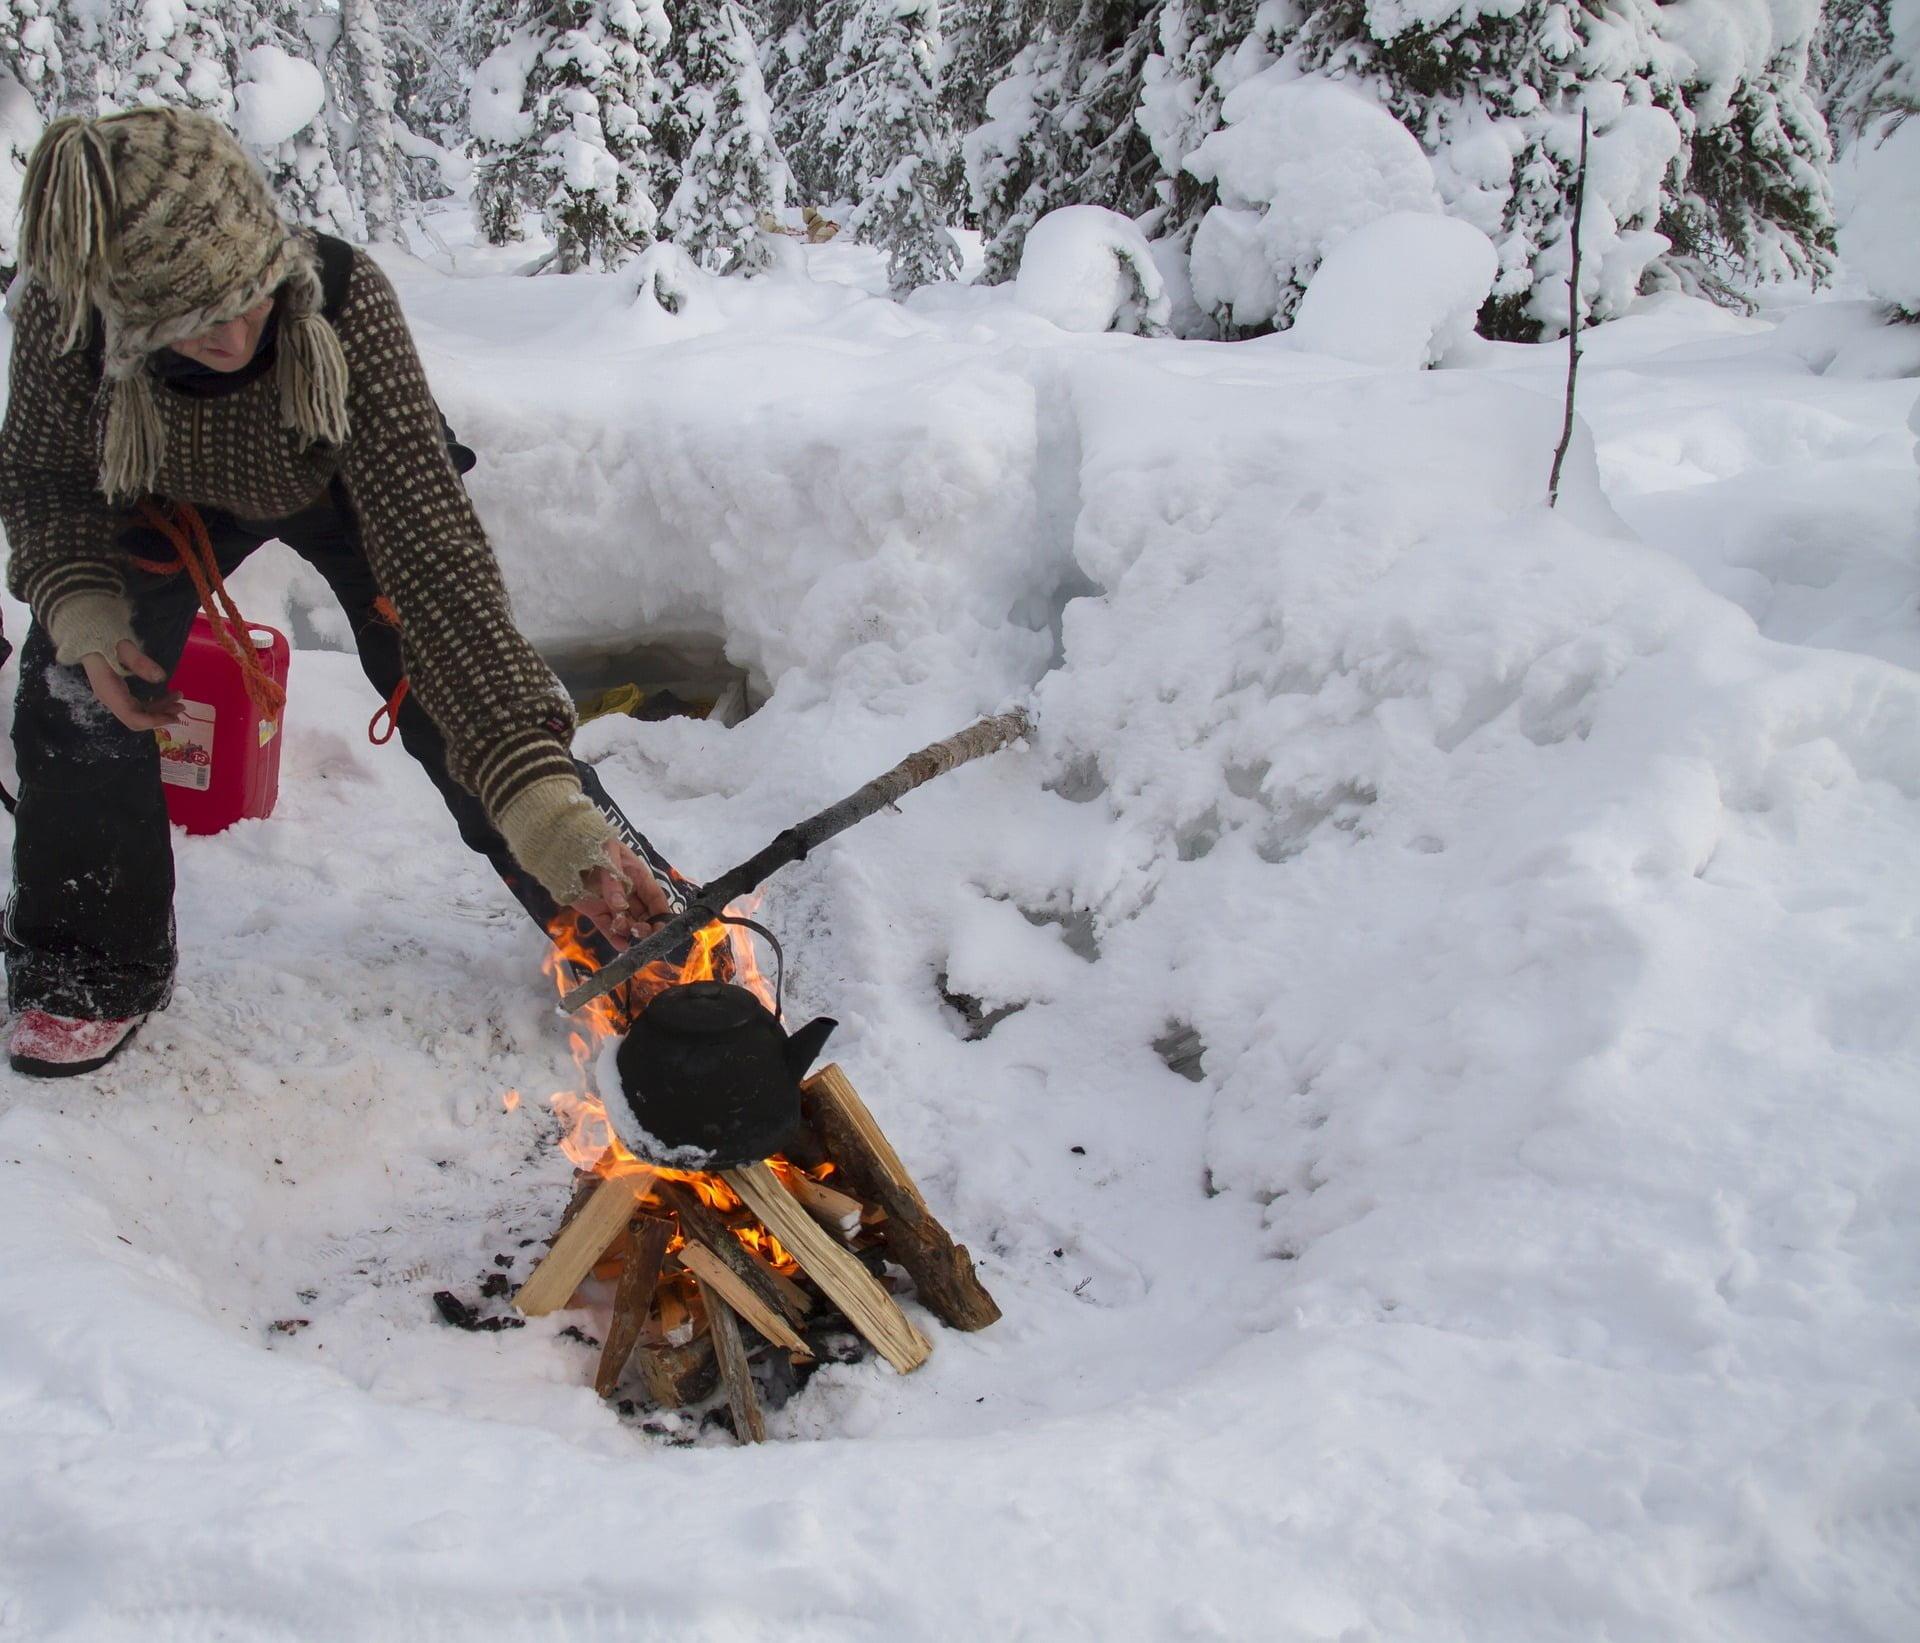 Hoe kampeer je bij koud weer? 5 tips!